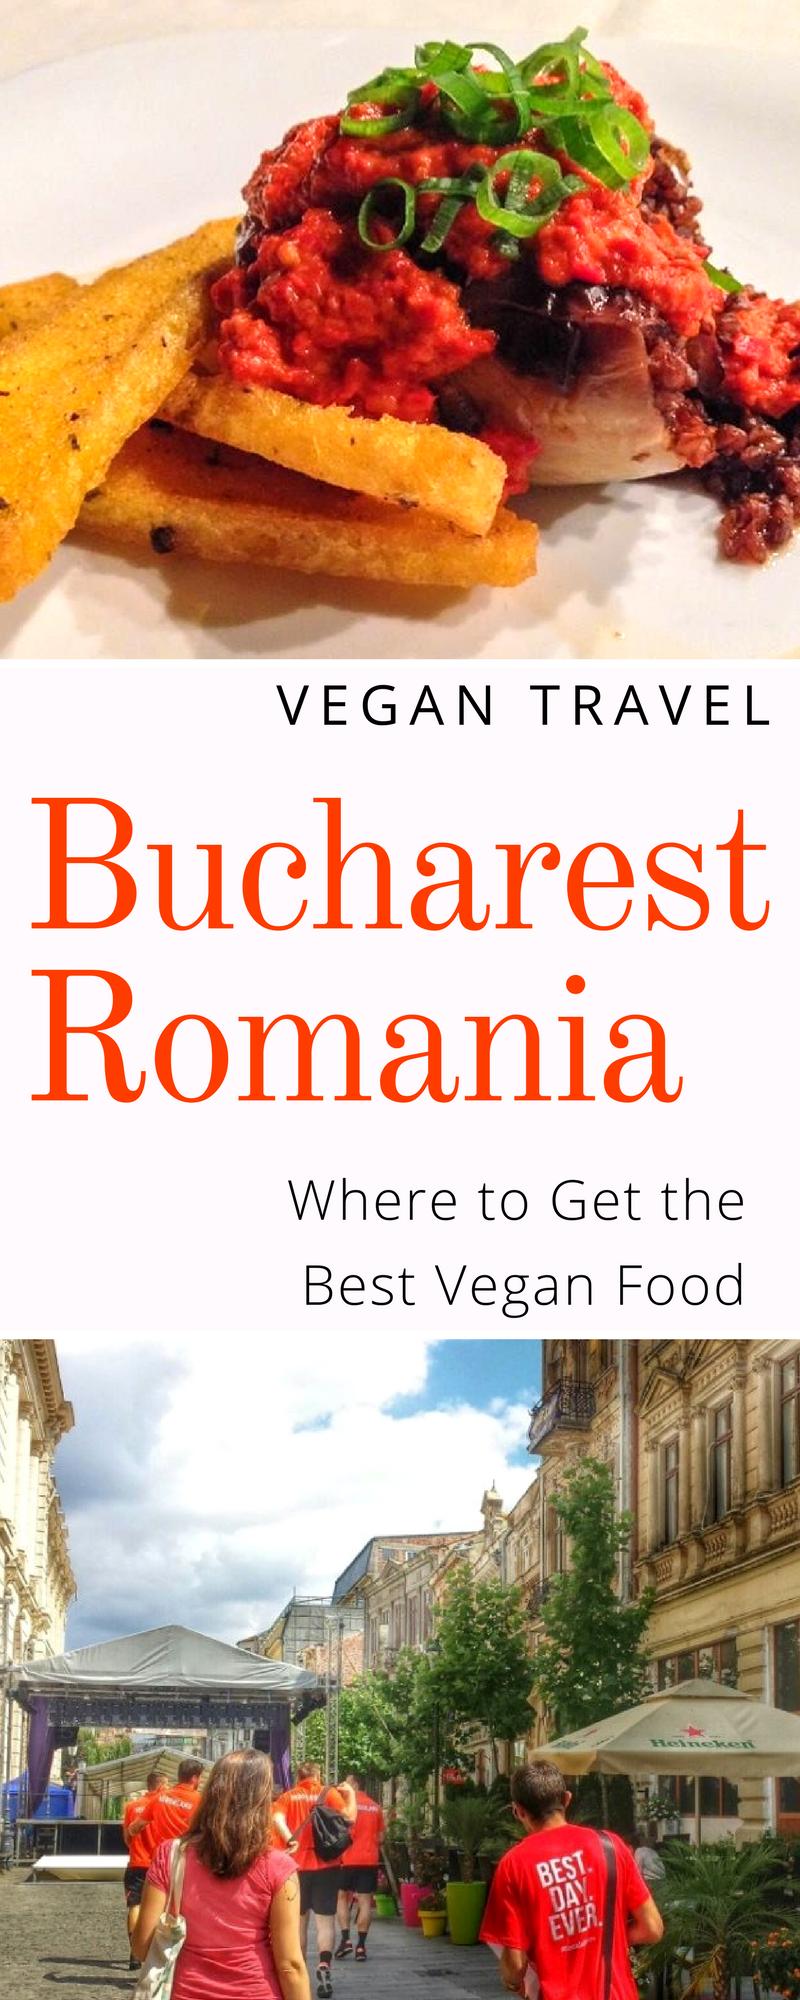 Vegan guide to bucharest romania mundo vegan guide to bucharest romania forumfinder Images